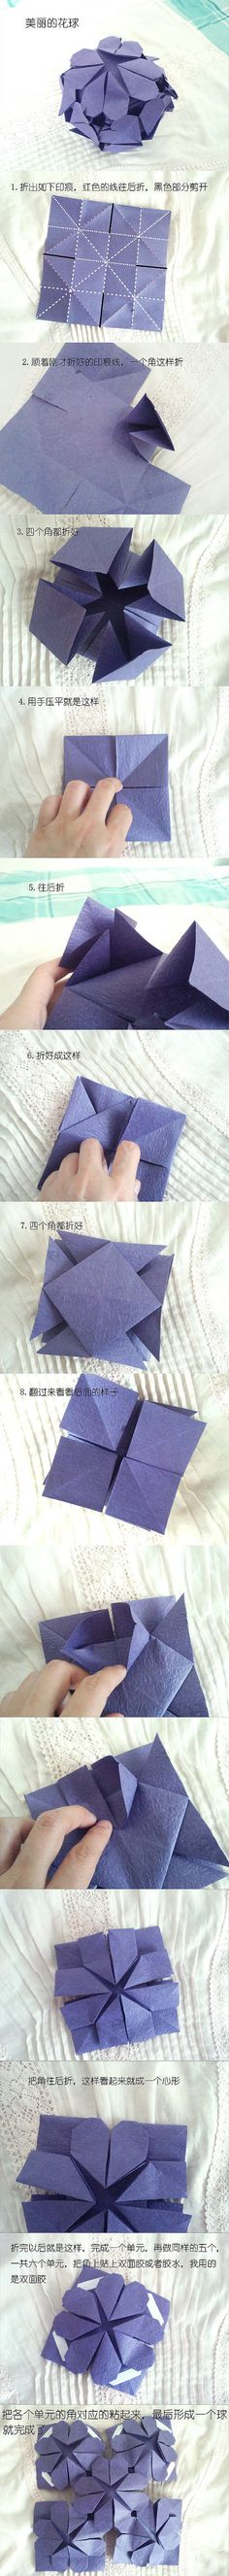 折纸 手工DIY